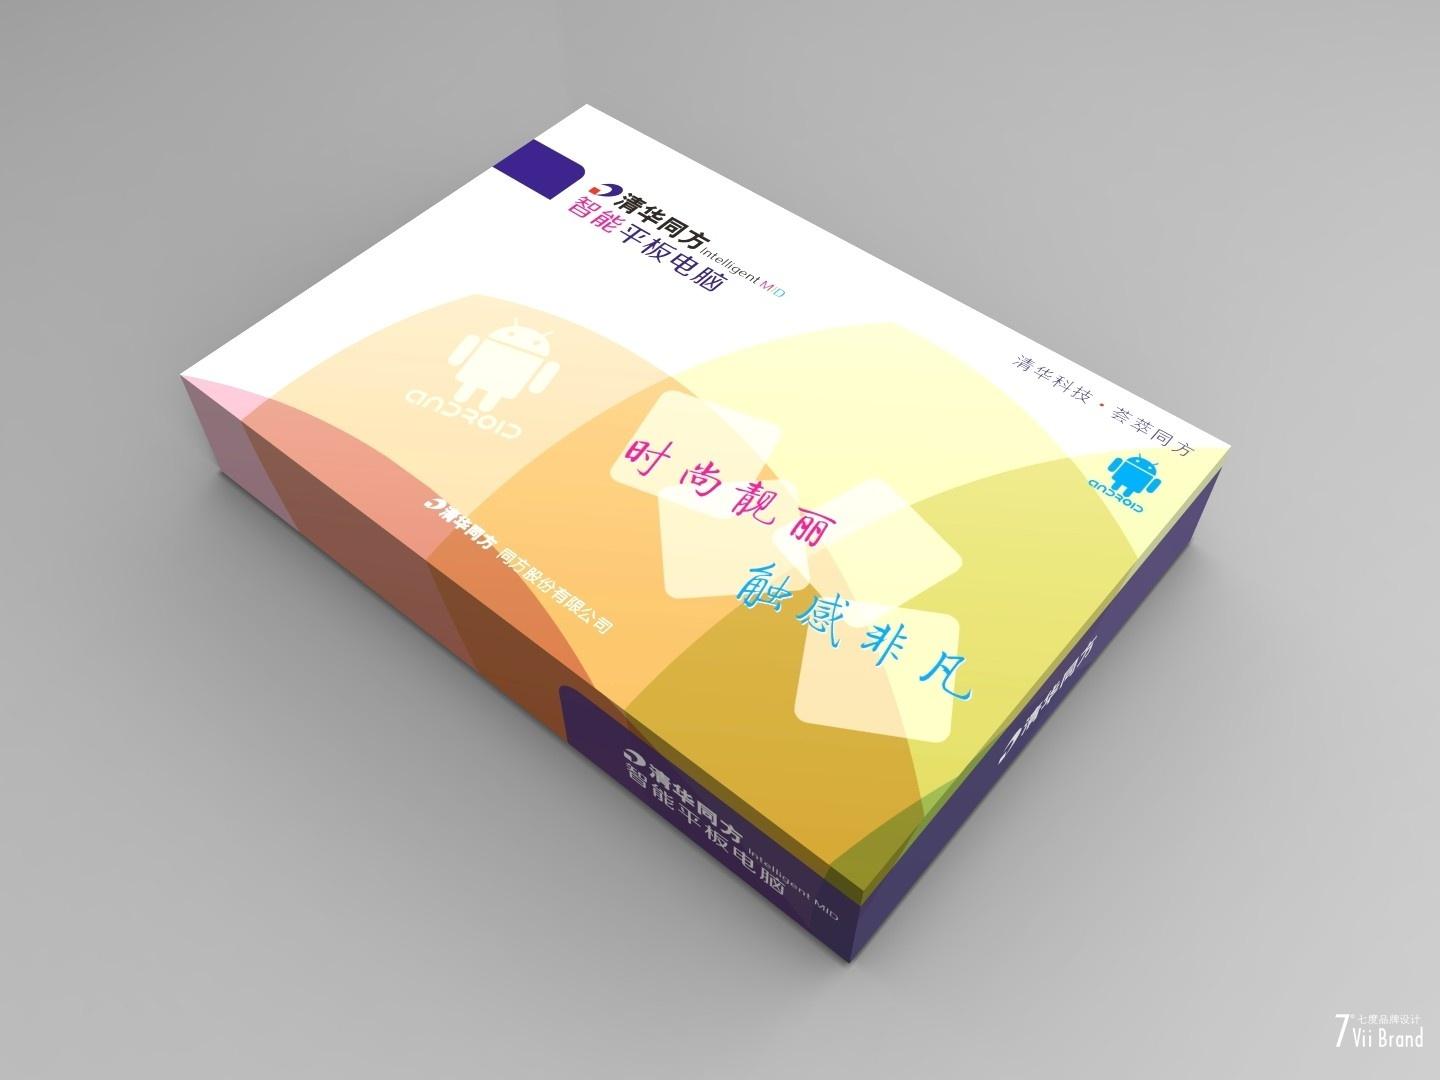 Tsinghua_230x160x40mm